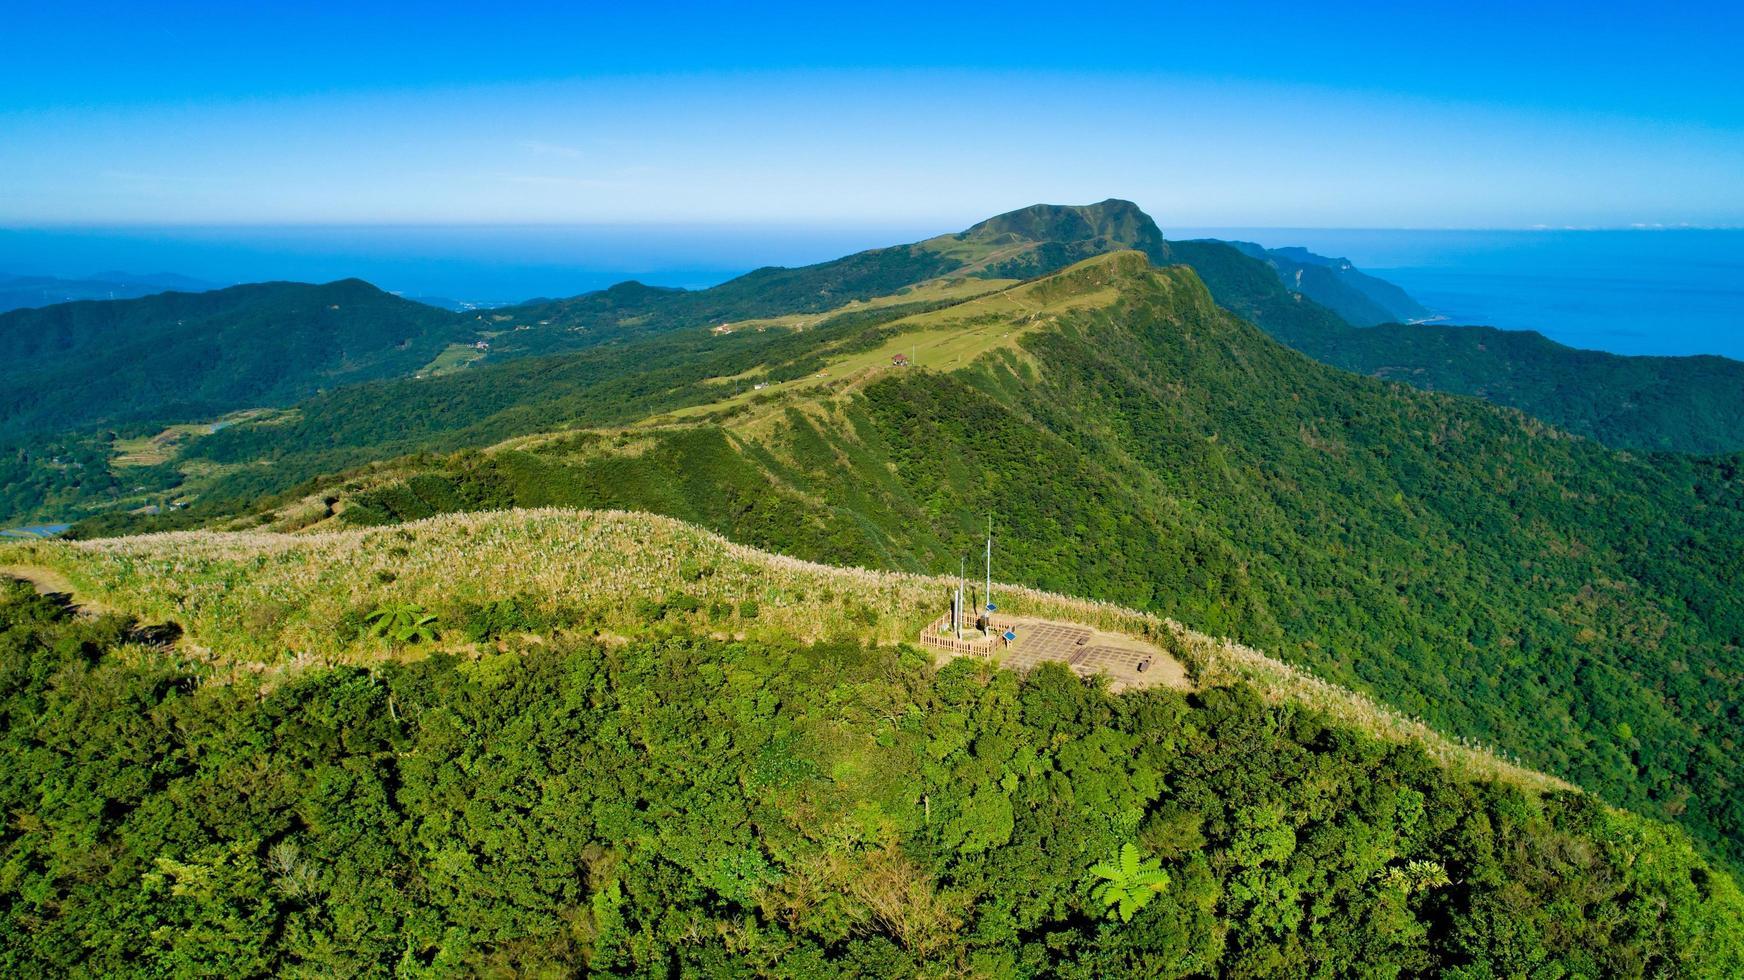 collines vertes et ciel bleu photo